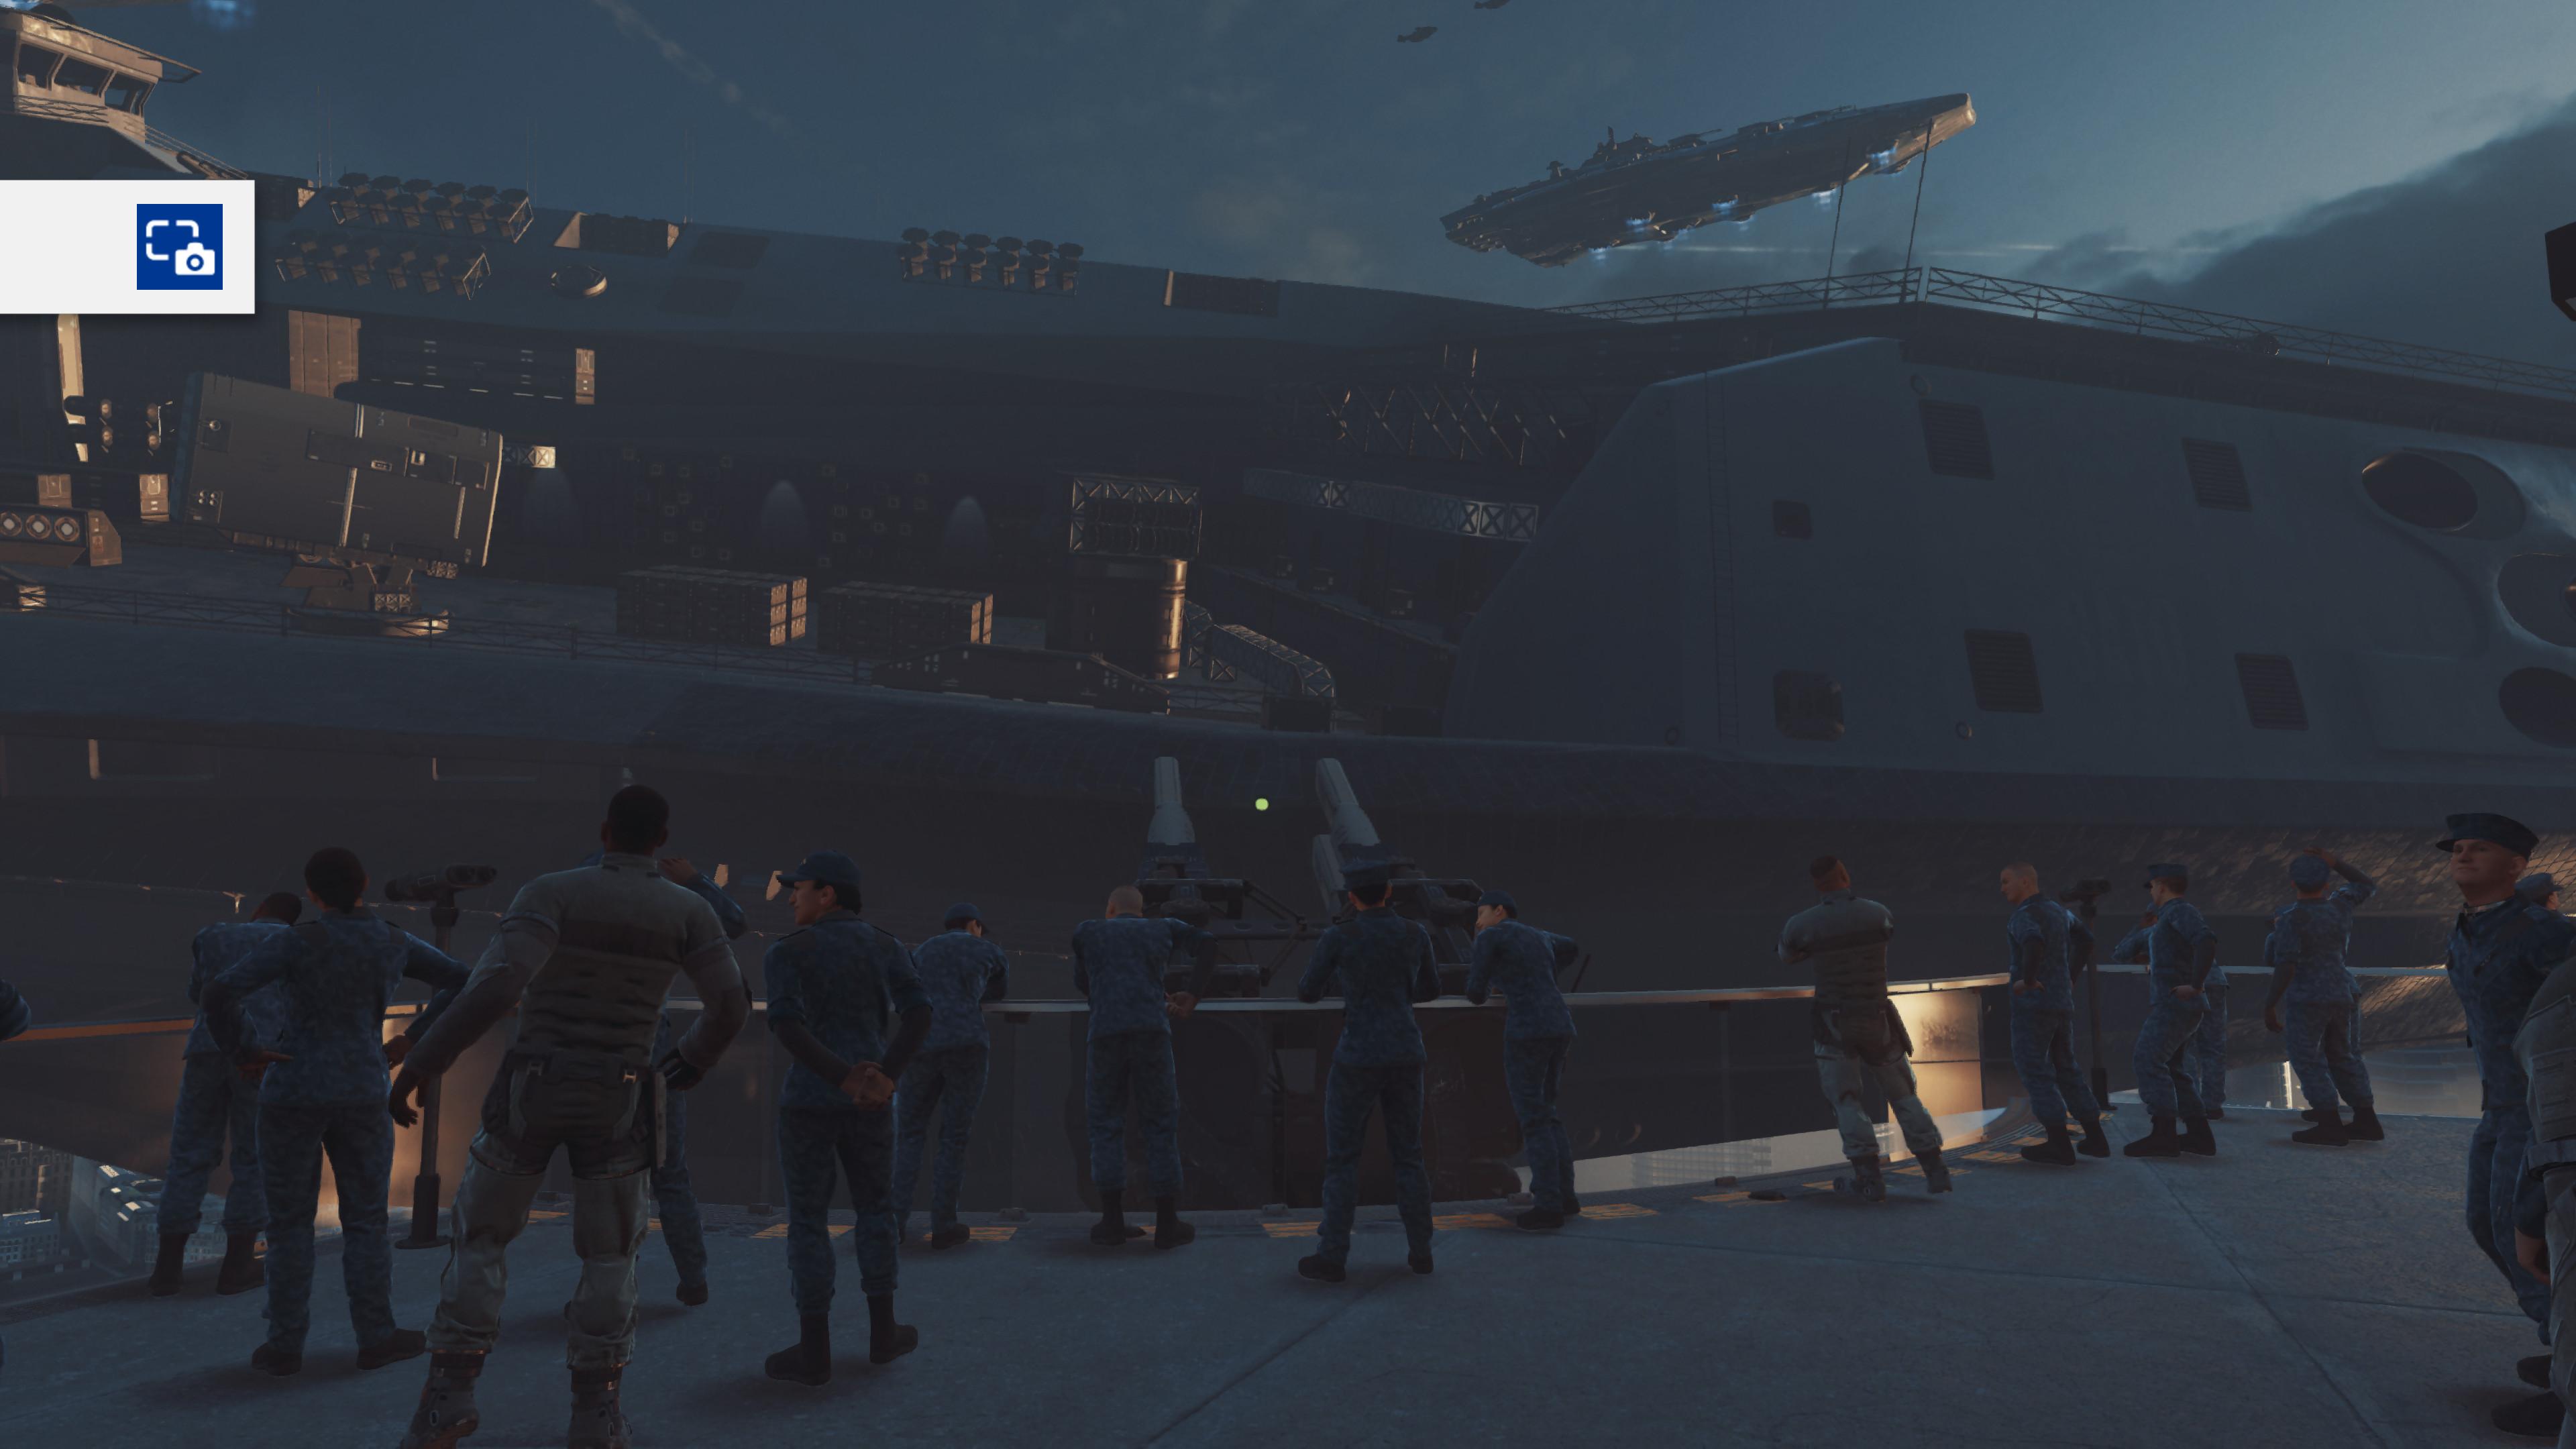 *Les points Call of Duty (PC) seront accessibles dans Call of Duty®: Modern Warfare® dès leur mise à disposition dans le jeu. La disponibilité peut varier selon les plateformes et les régions, et peut être amenée à changer. **Chaque pack Operator inclut une apparence thématique Operator, une variante d'arme et du contenu bonus.